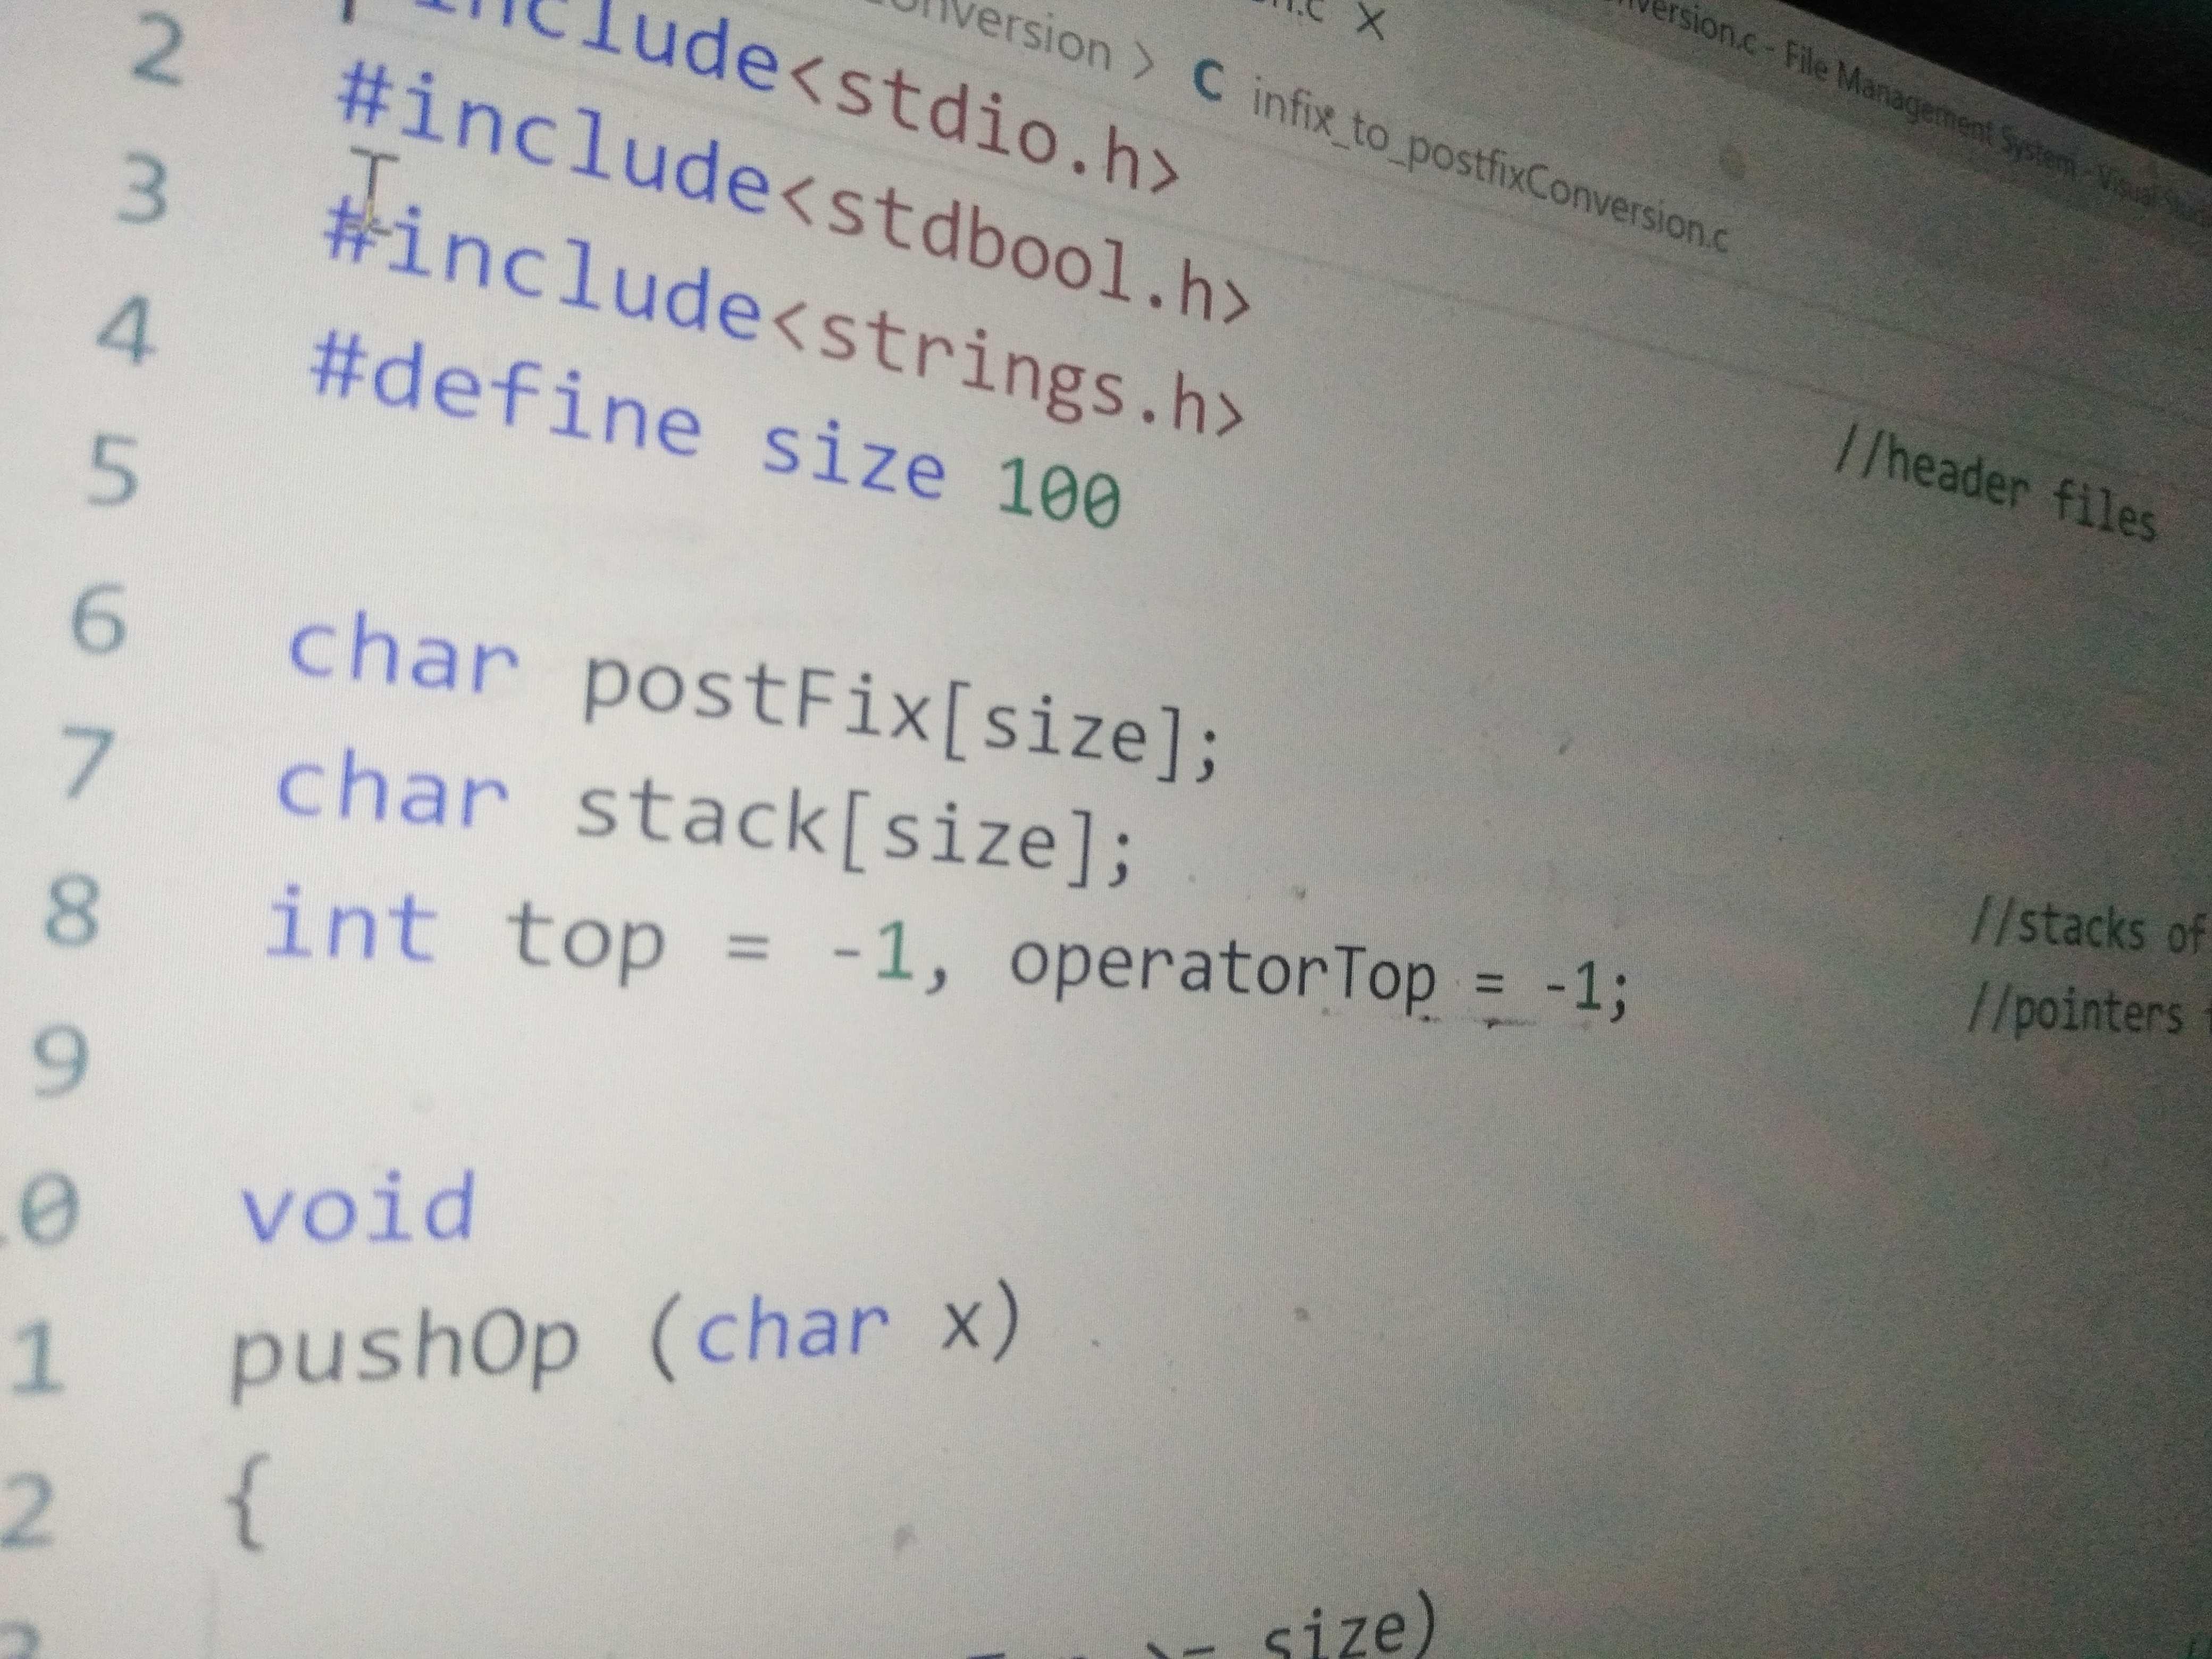 https://cloud-omp3tabfr-hack-club-bot.vercel.app/0img_20210603_144302.jpg